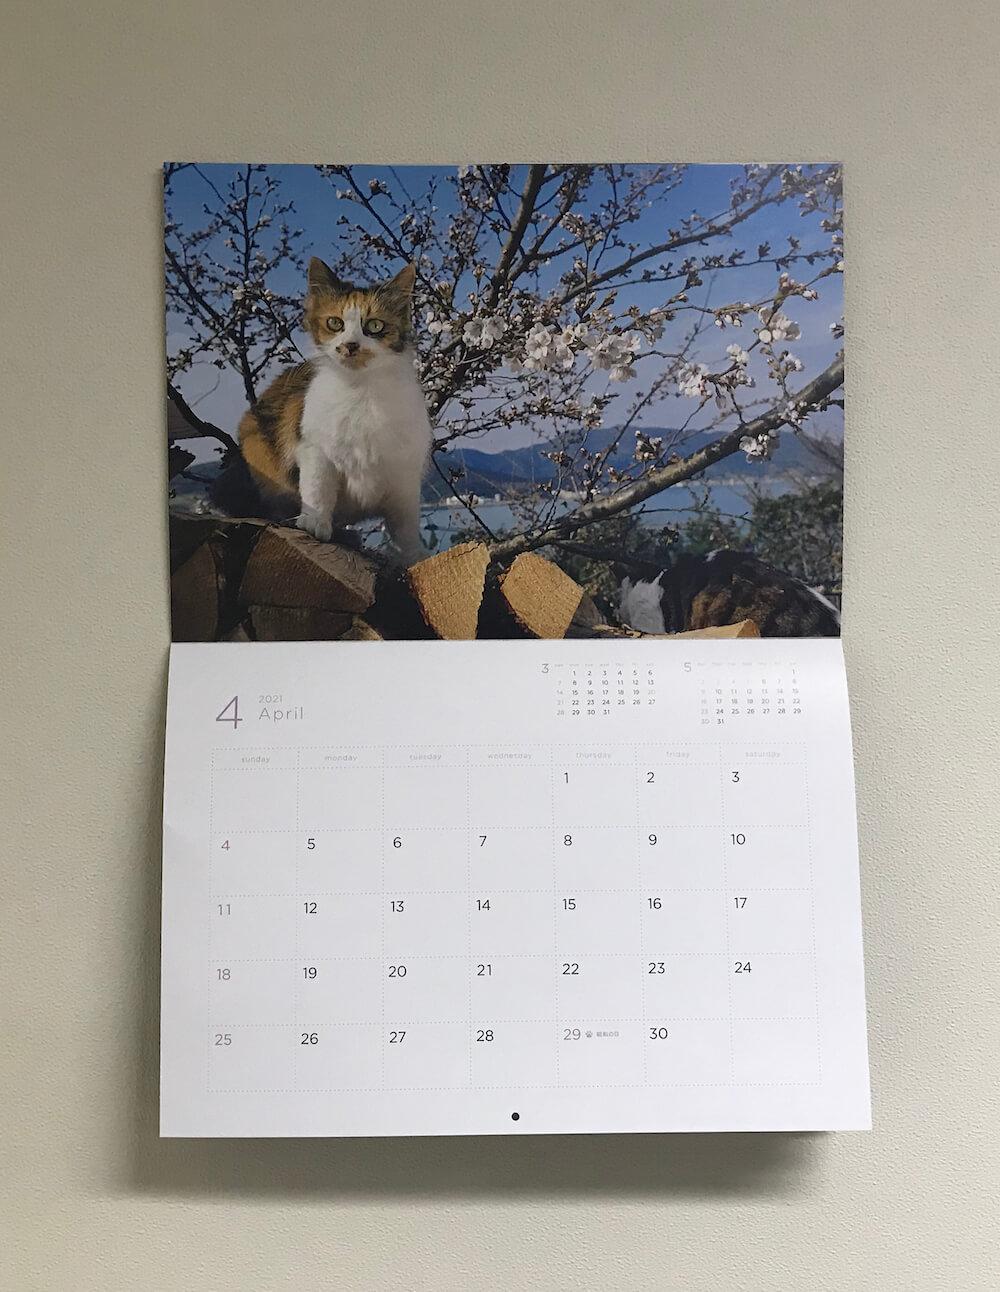 「岩合光昭 福ねこ2021 カレンダー」2021年4月カレンダーの設置イメージ